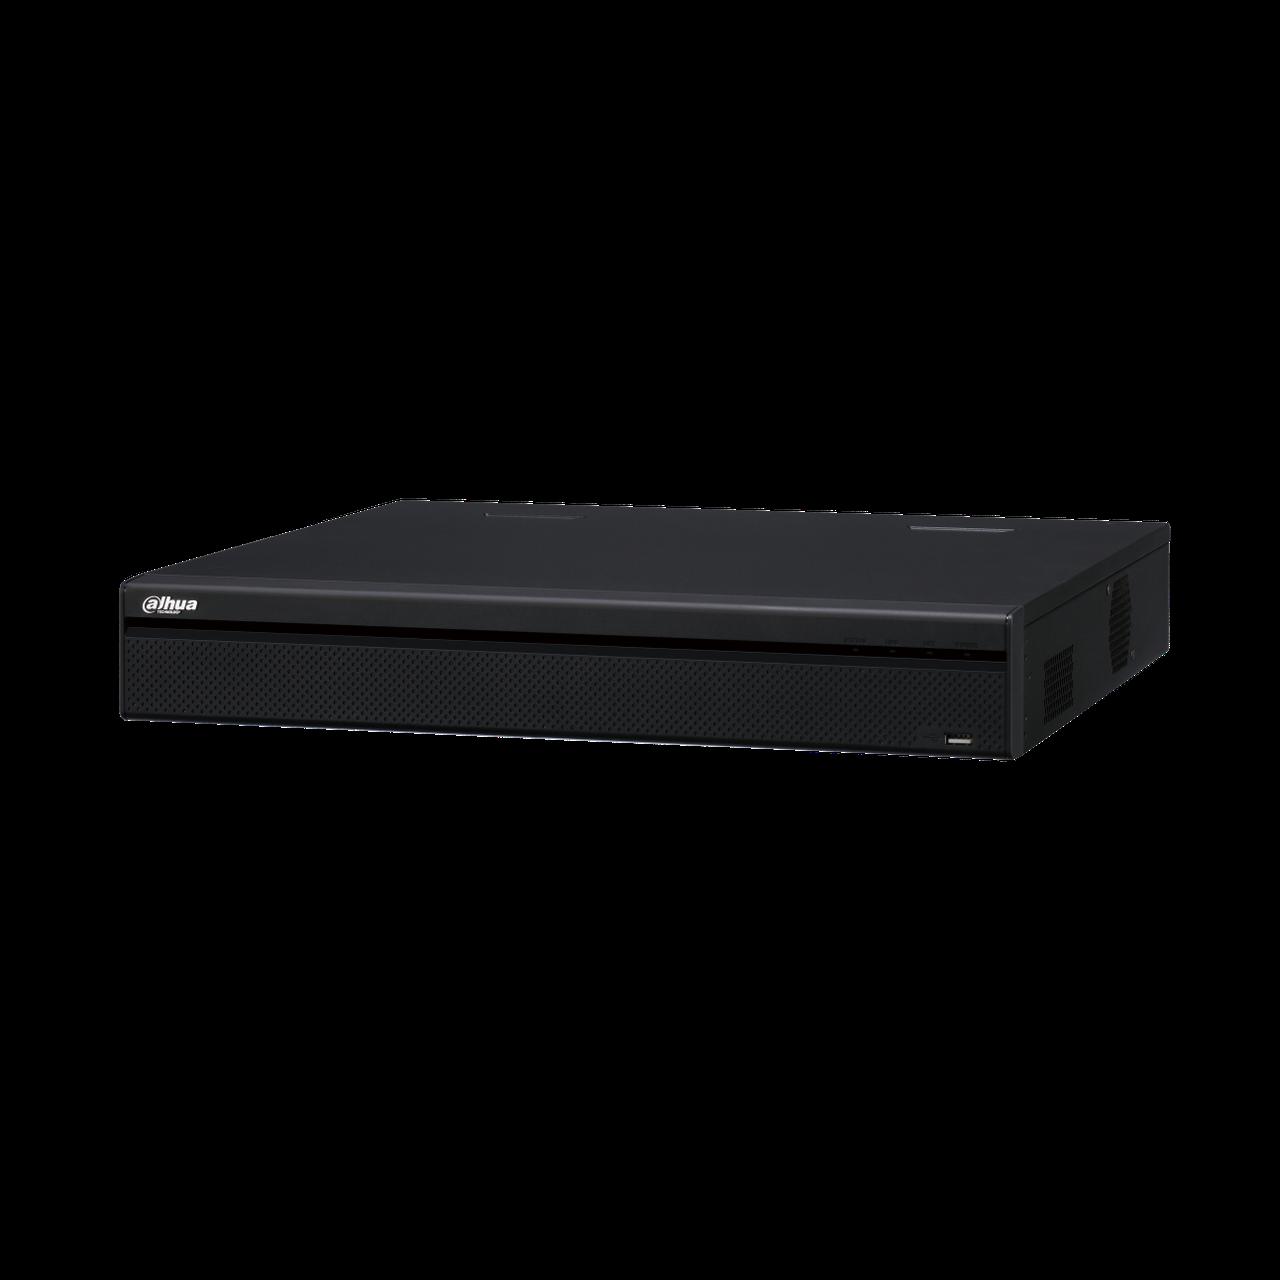 IP Видеорегистратор Dahua DHI-NVR5416-16P-4KS2E 16-и канальный 4K, 16 PoE портов, до 12Мп, 2 HDD до 10Тб,